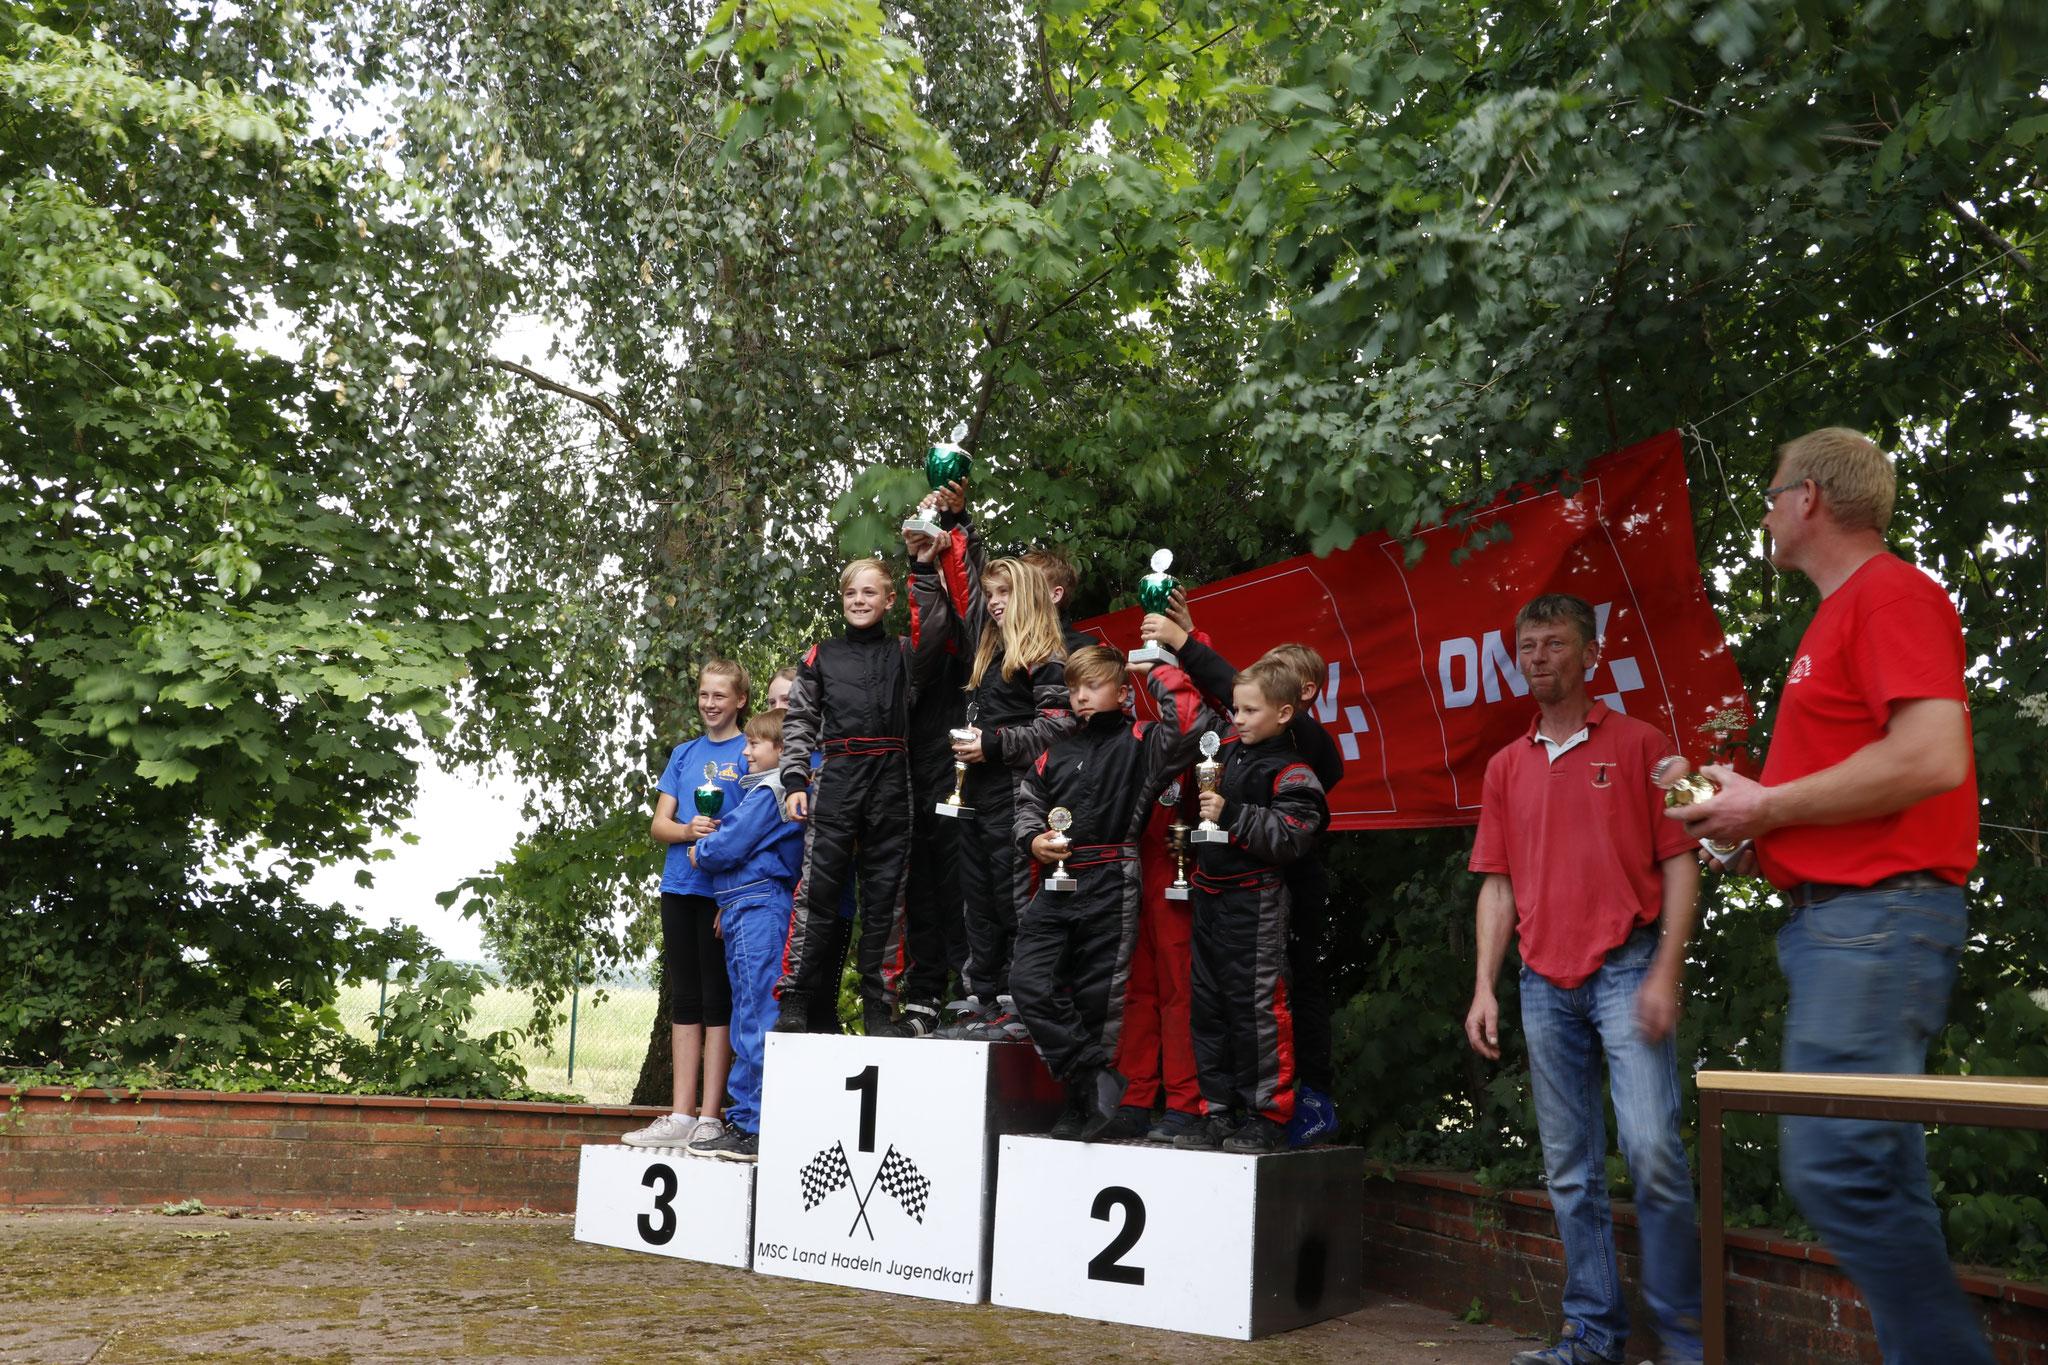 Die Youngstars MSC Land Hadeln 1 landeten auf dem ersten Platz, die Youngstars MSC Land Hadeln 2 auf dem Zweiten